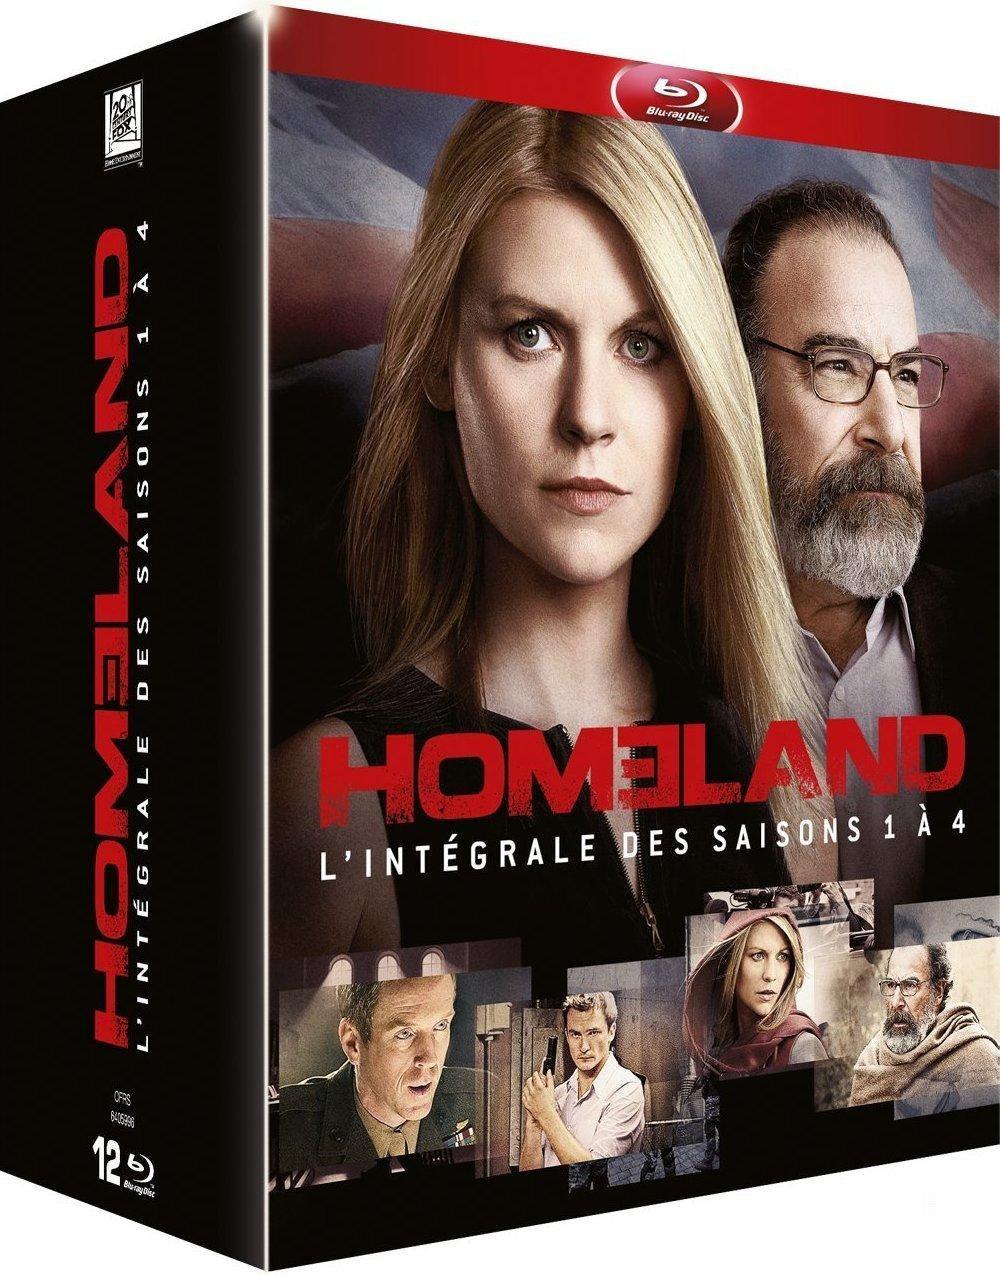 Coffret 12 Blu-ray Homeland - L'intégrale des Saisons 1 à 4